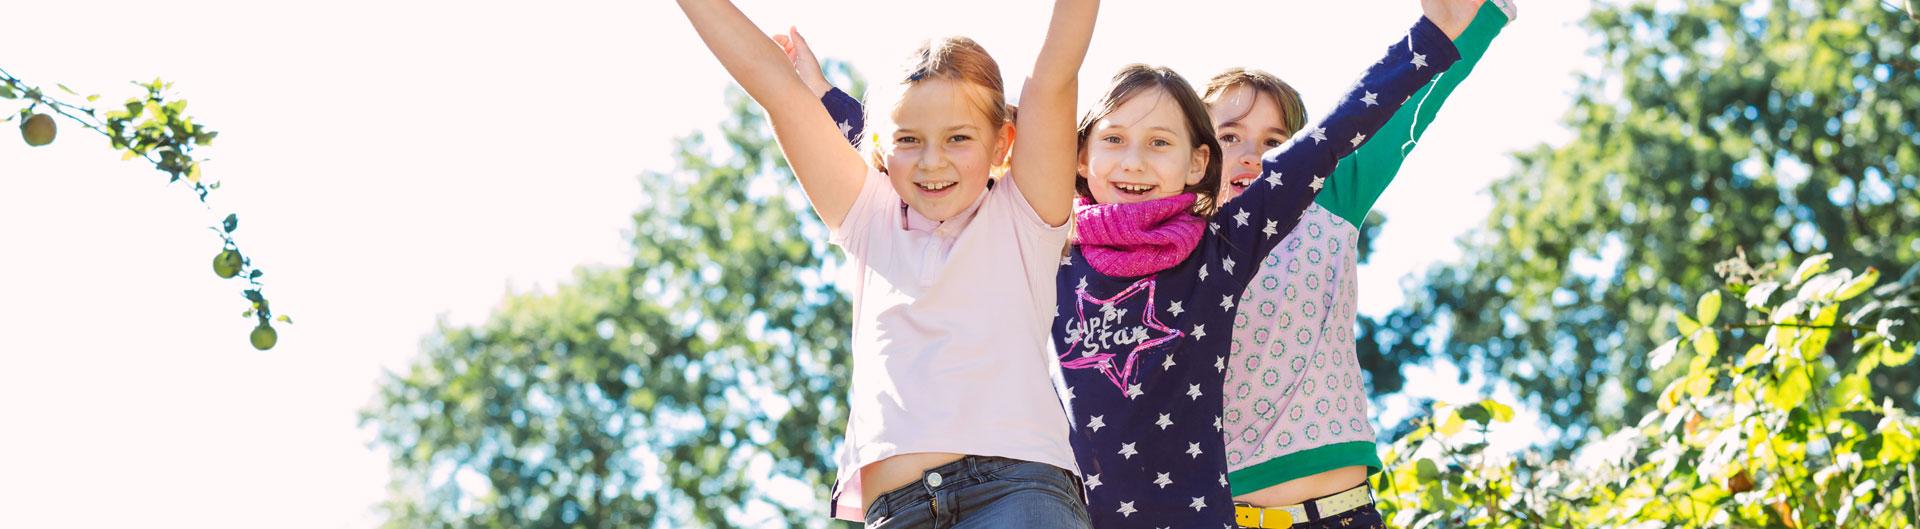 Drei Schülerinnen sitzen auf einem Spielhaus und strecken die Arme in die Höhe.